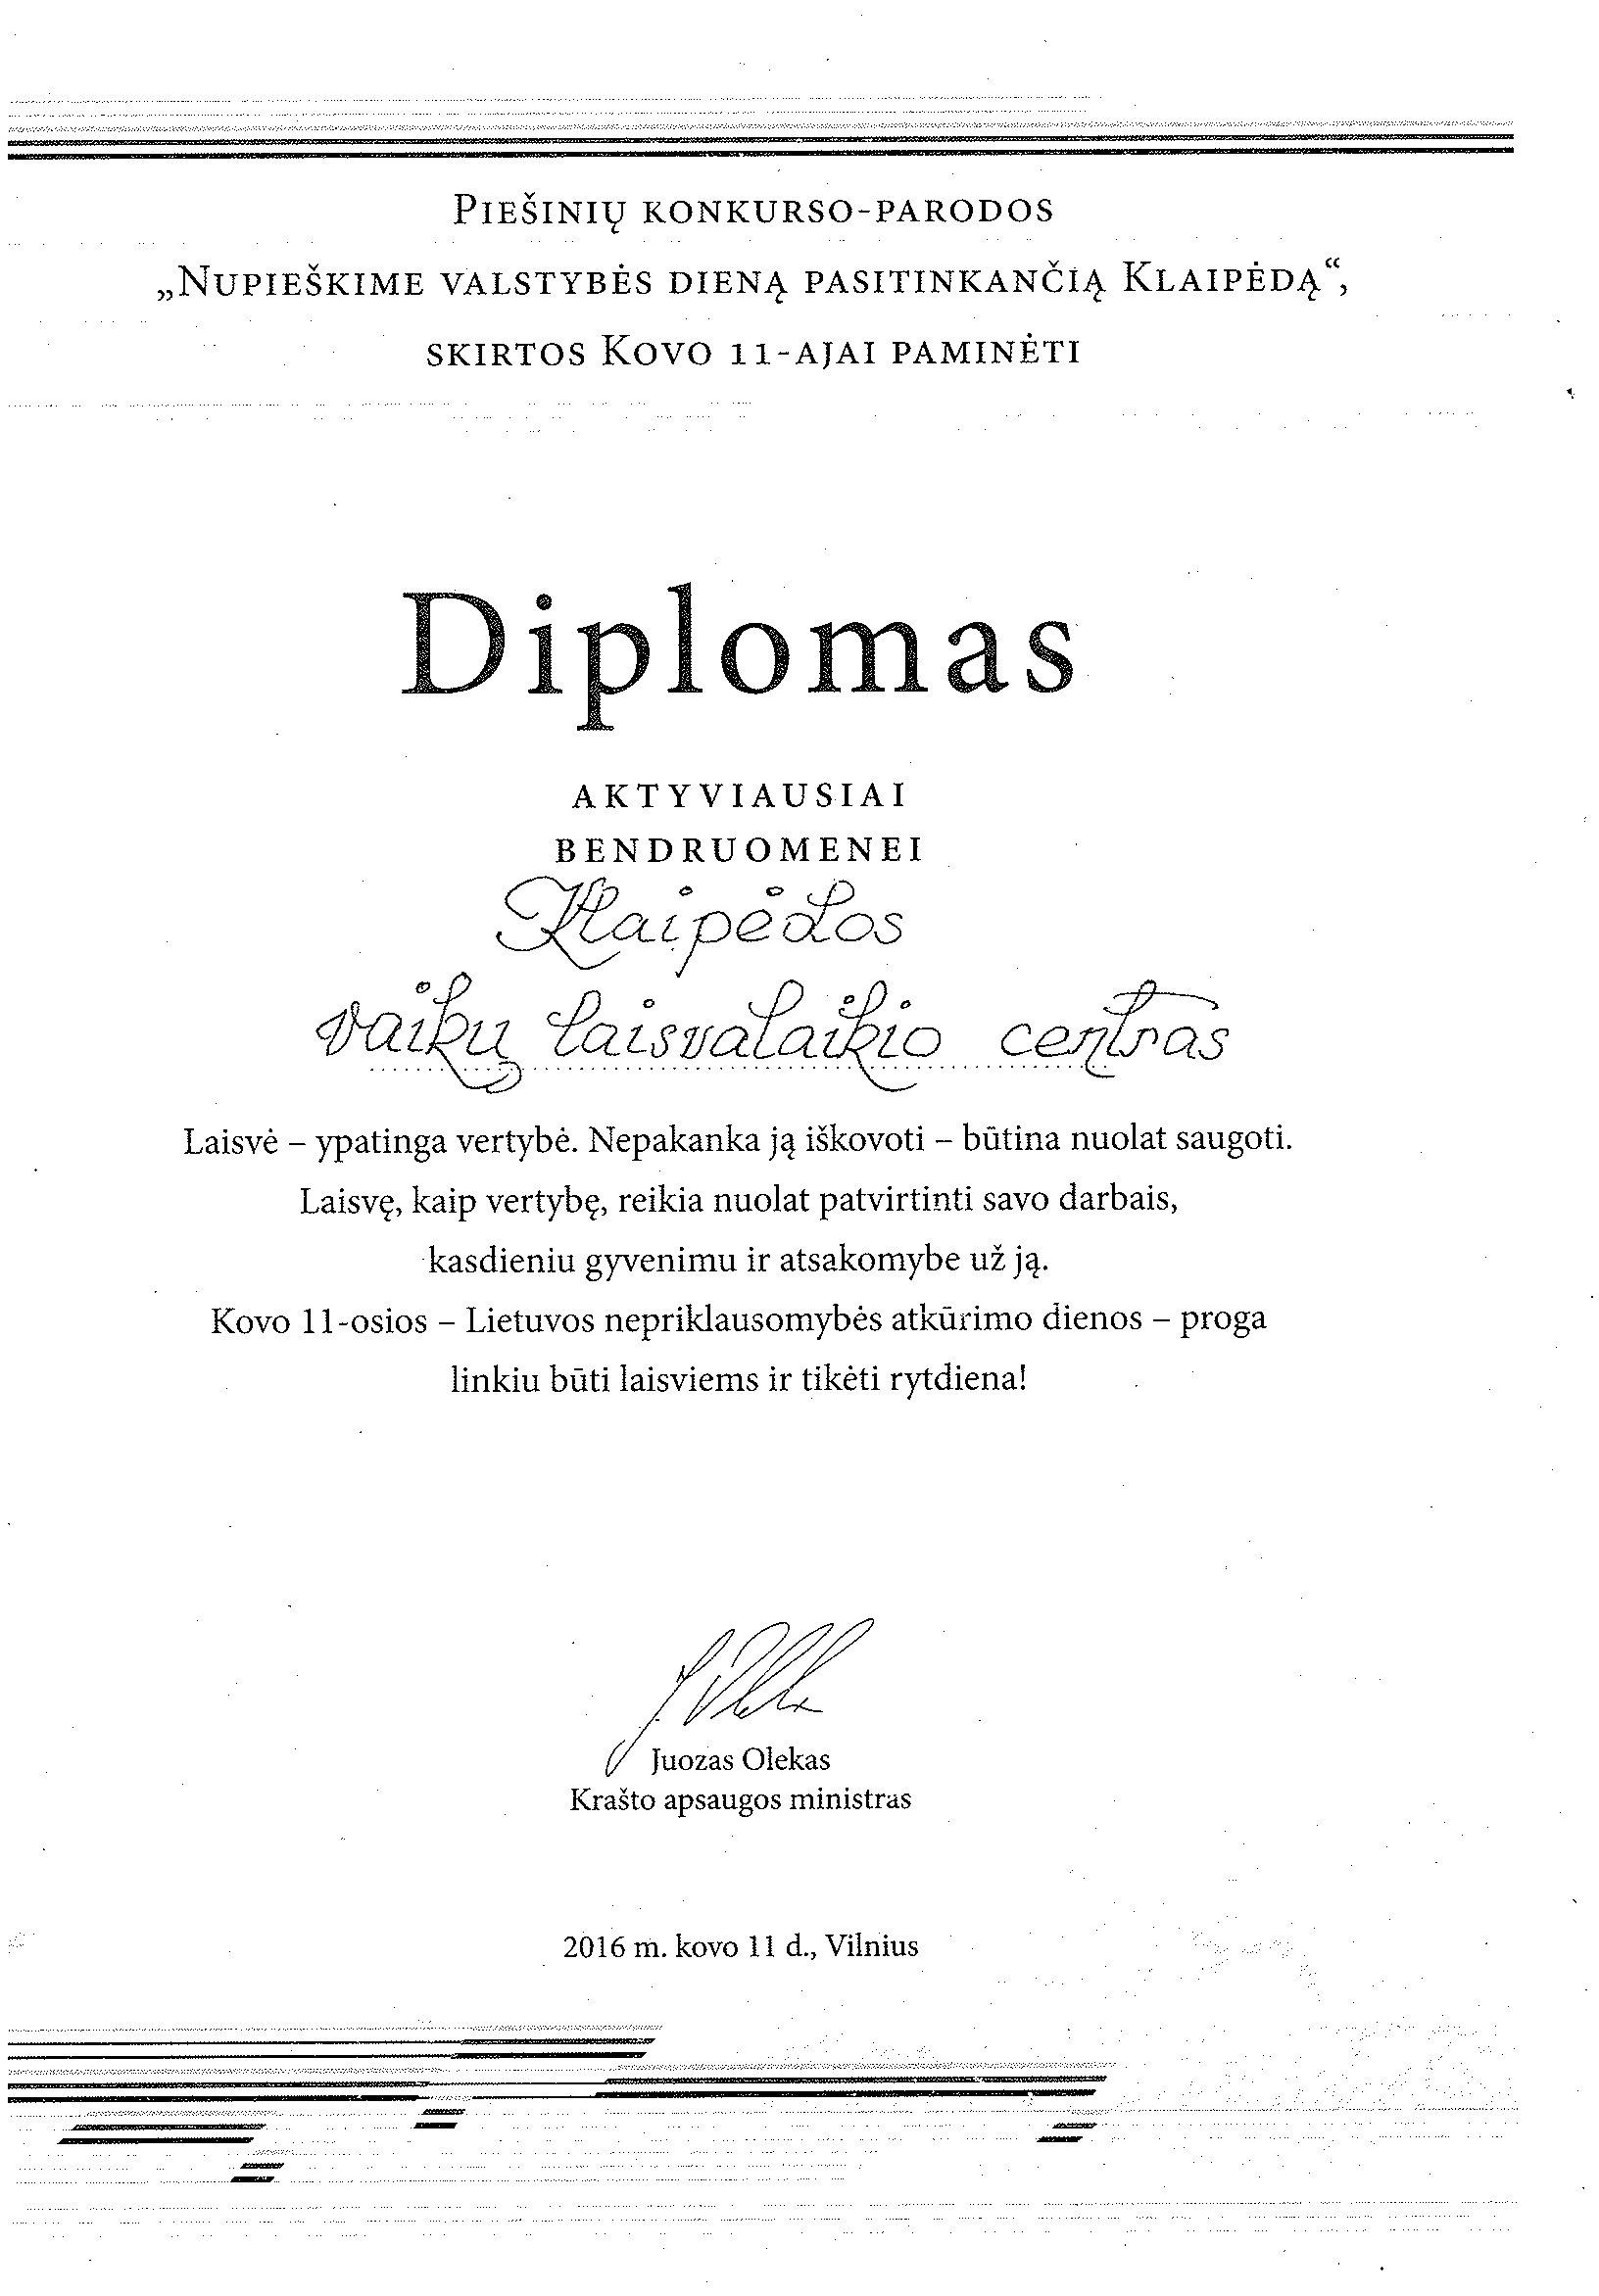 Diplomas_aktyviausiai_bendruomenei